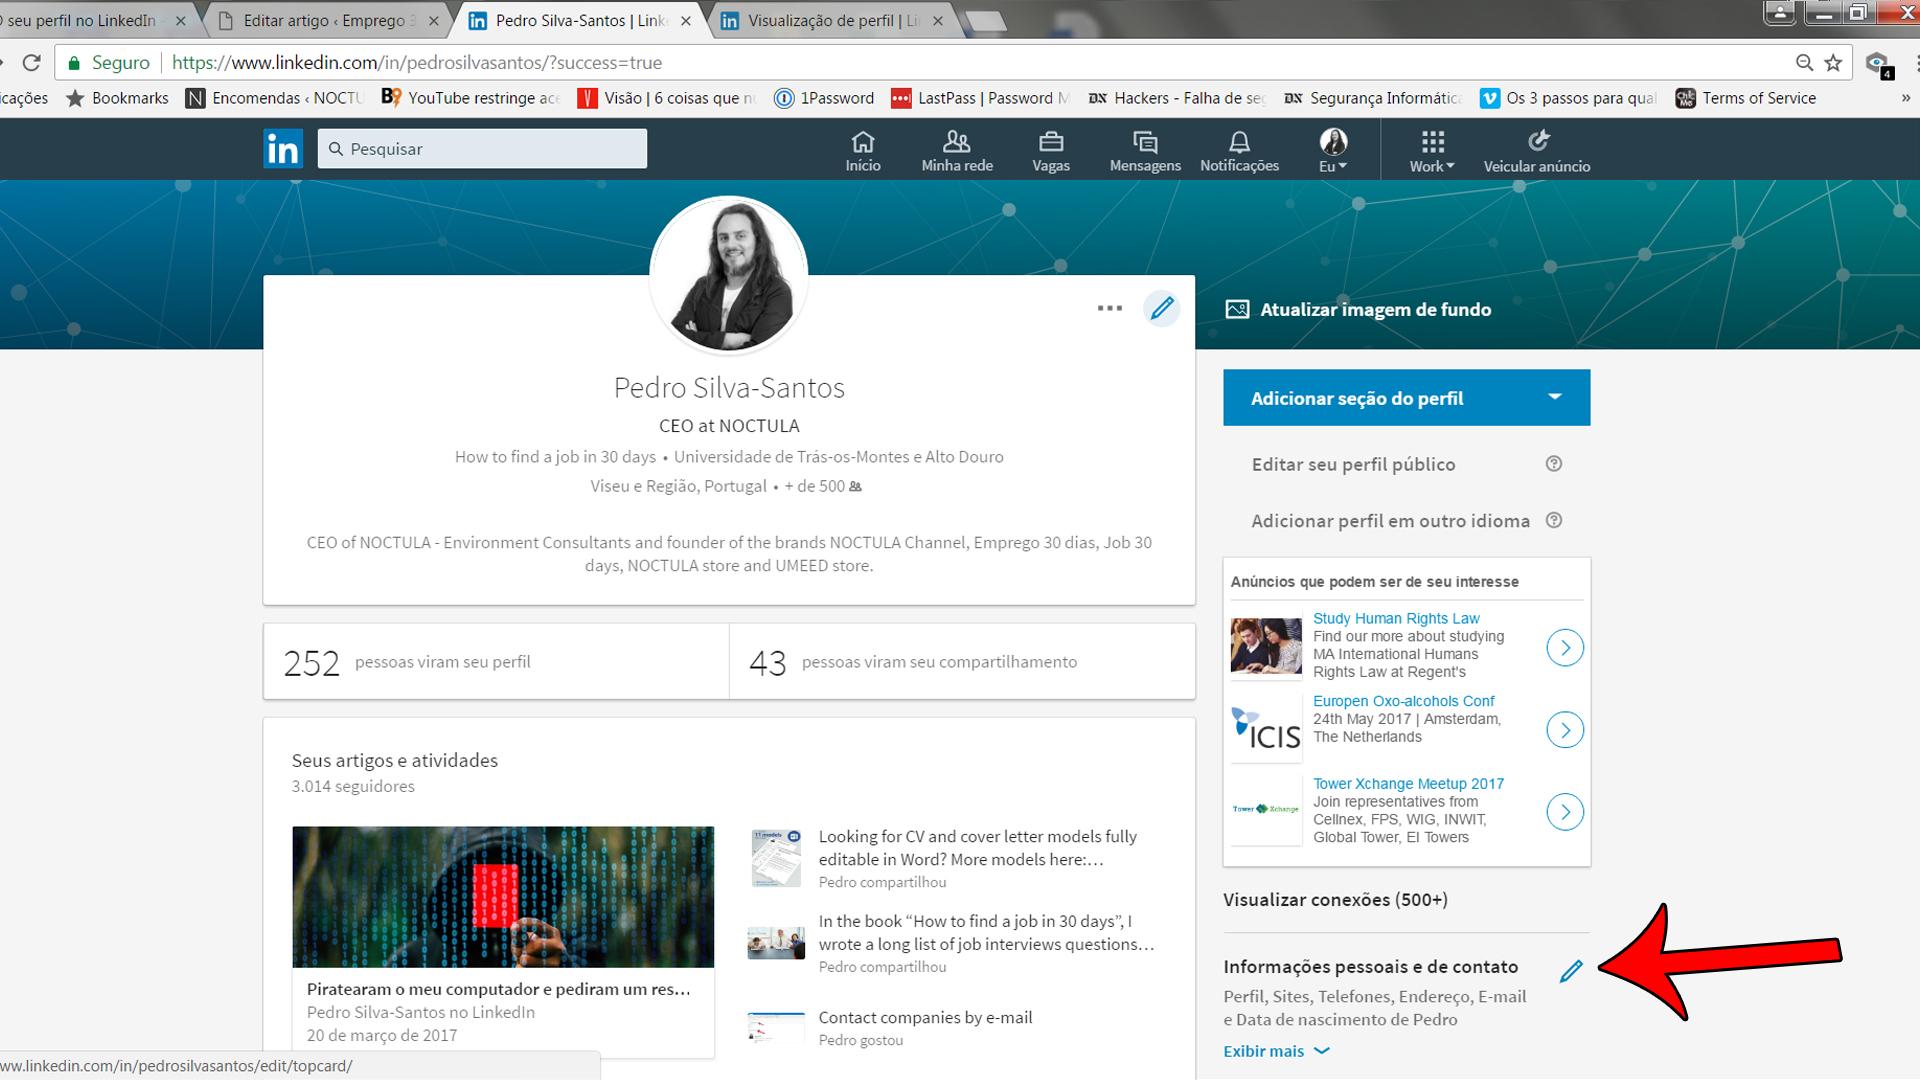 O seu perfil no LinkedIn_02_000